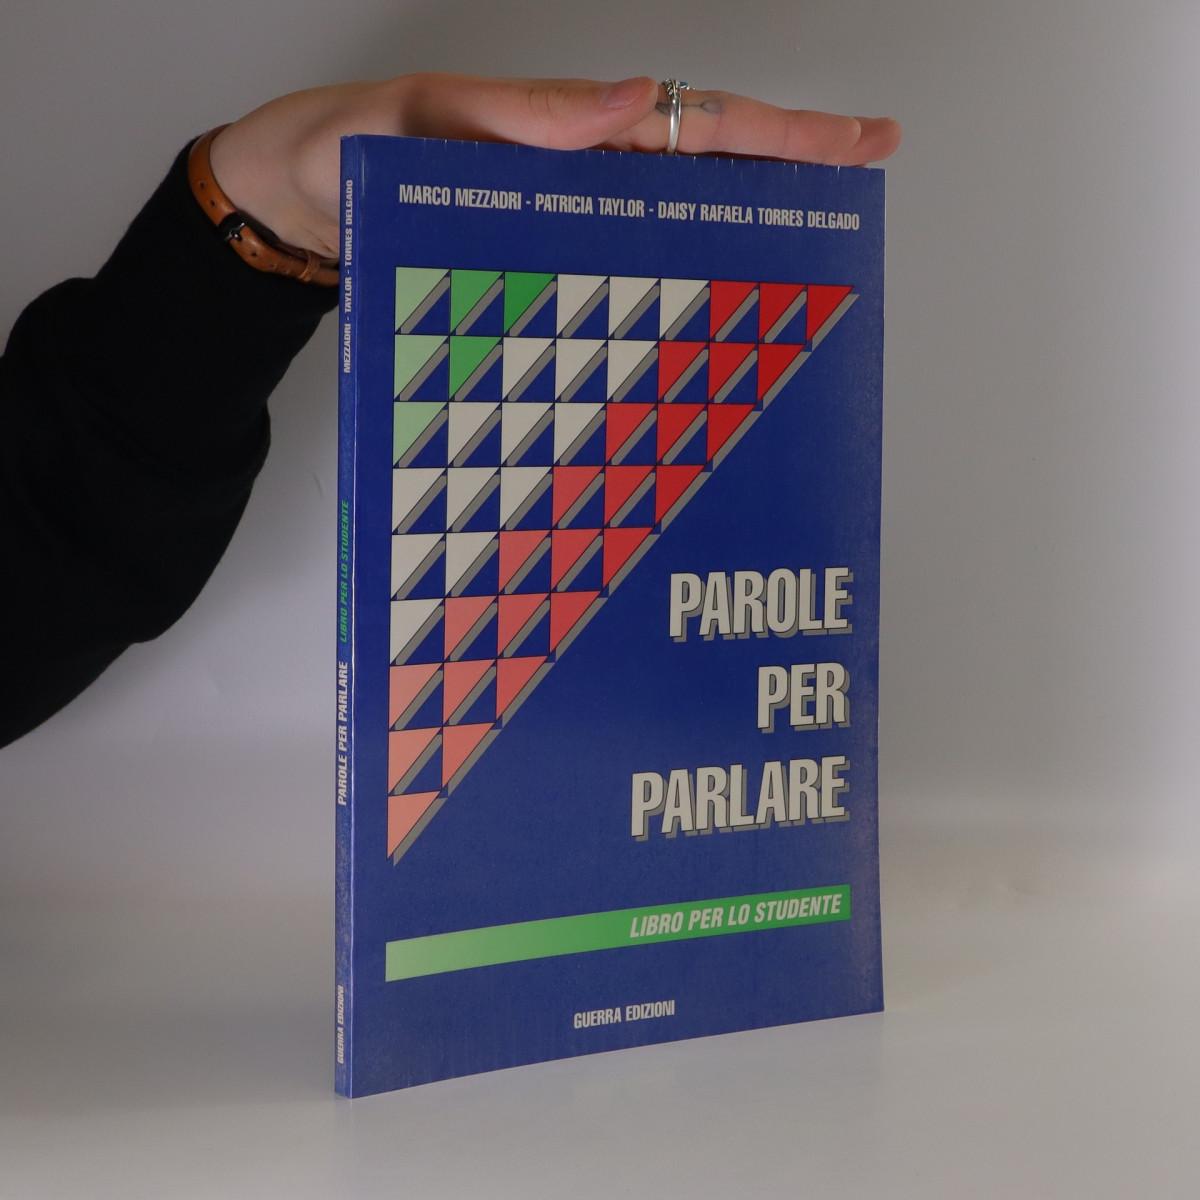 antikvární kniha Parole per parlare : libro per lo studente, 1999